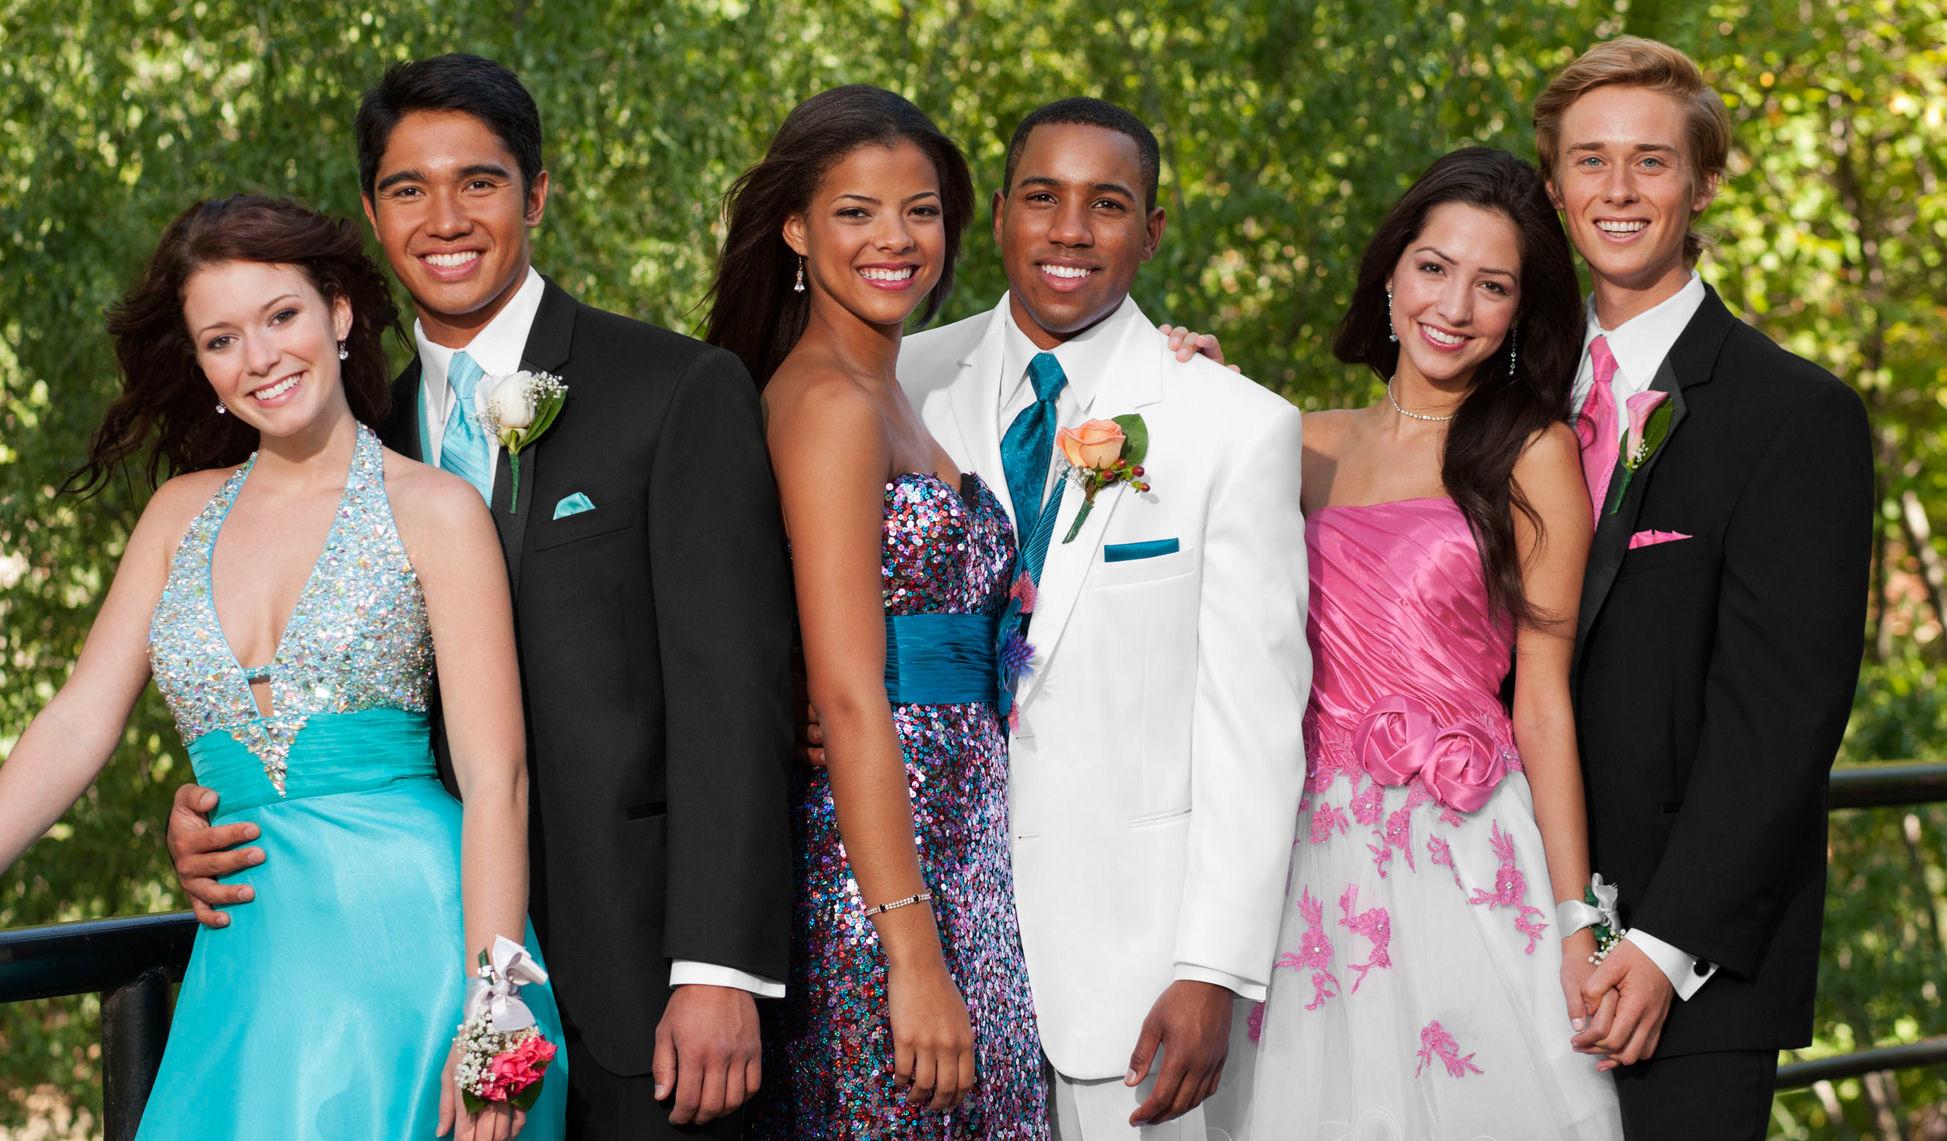 prom poses ideas the scenarios